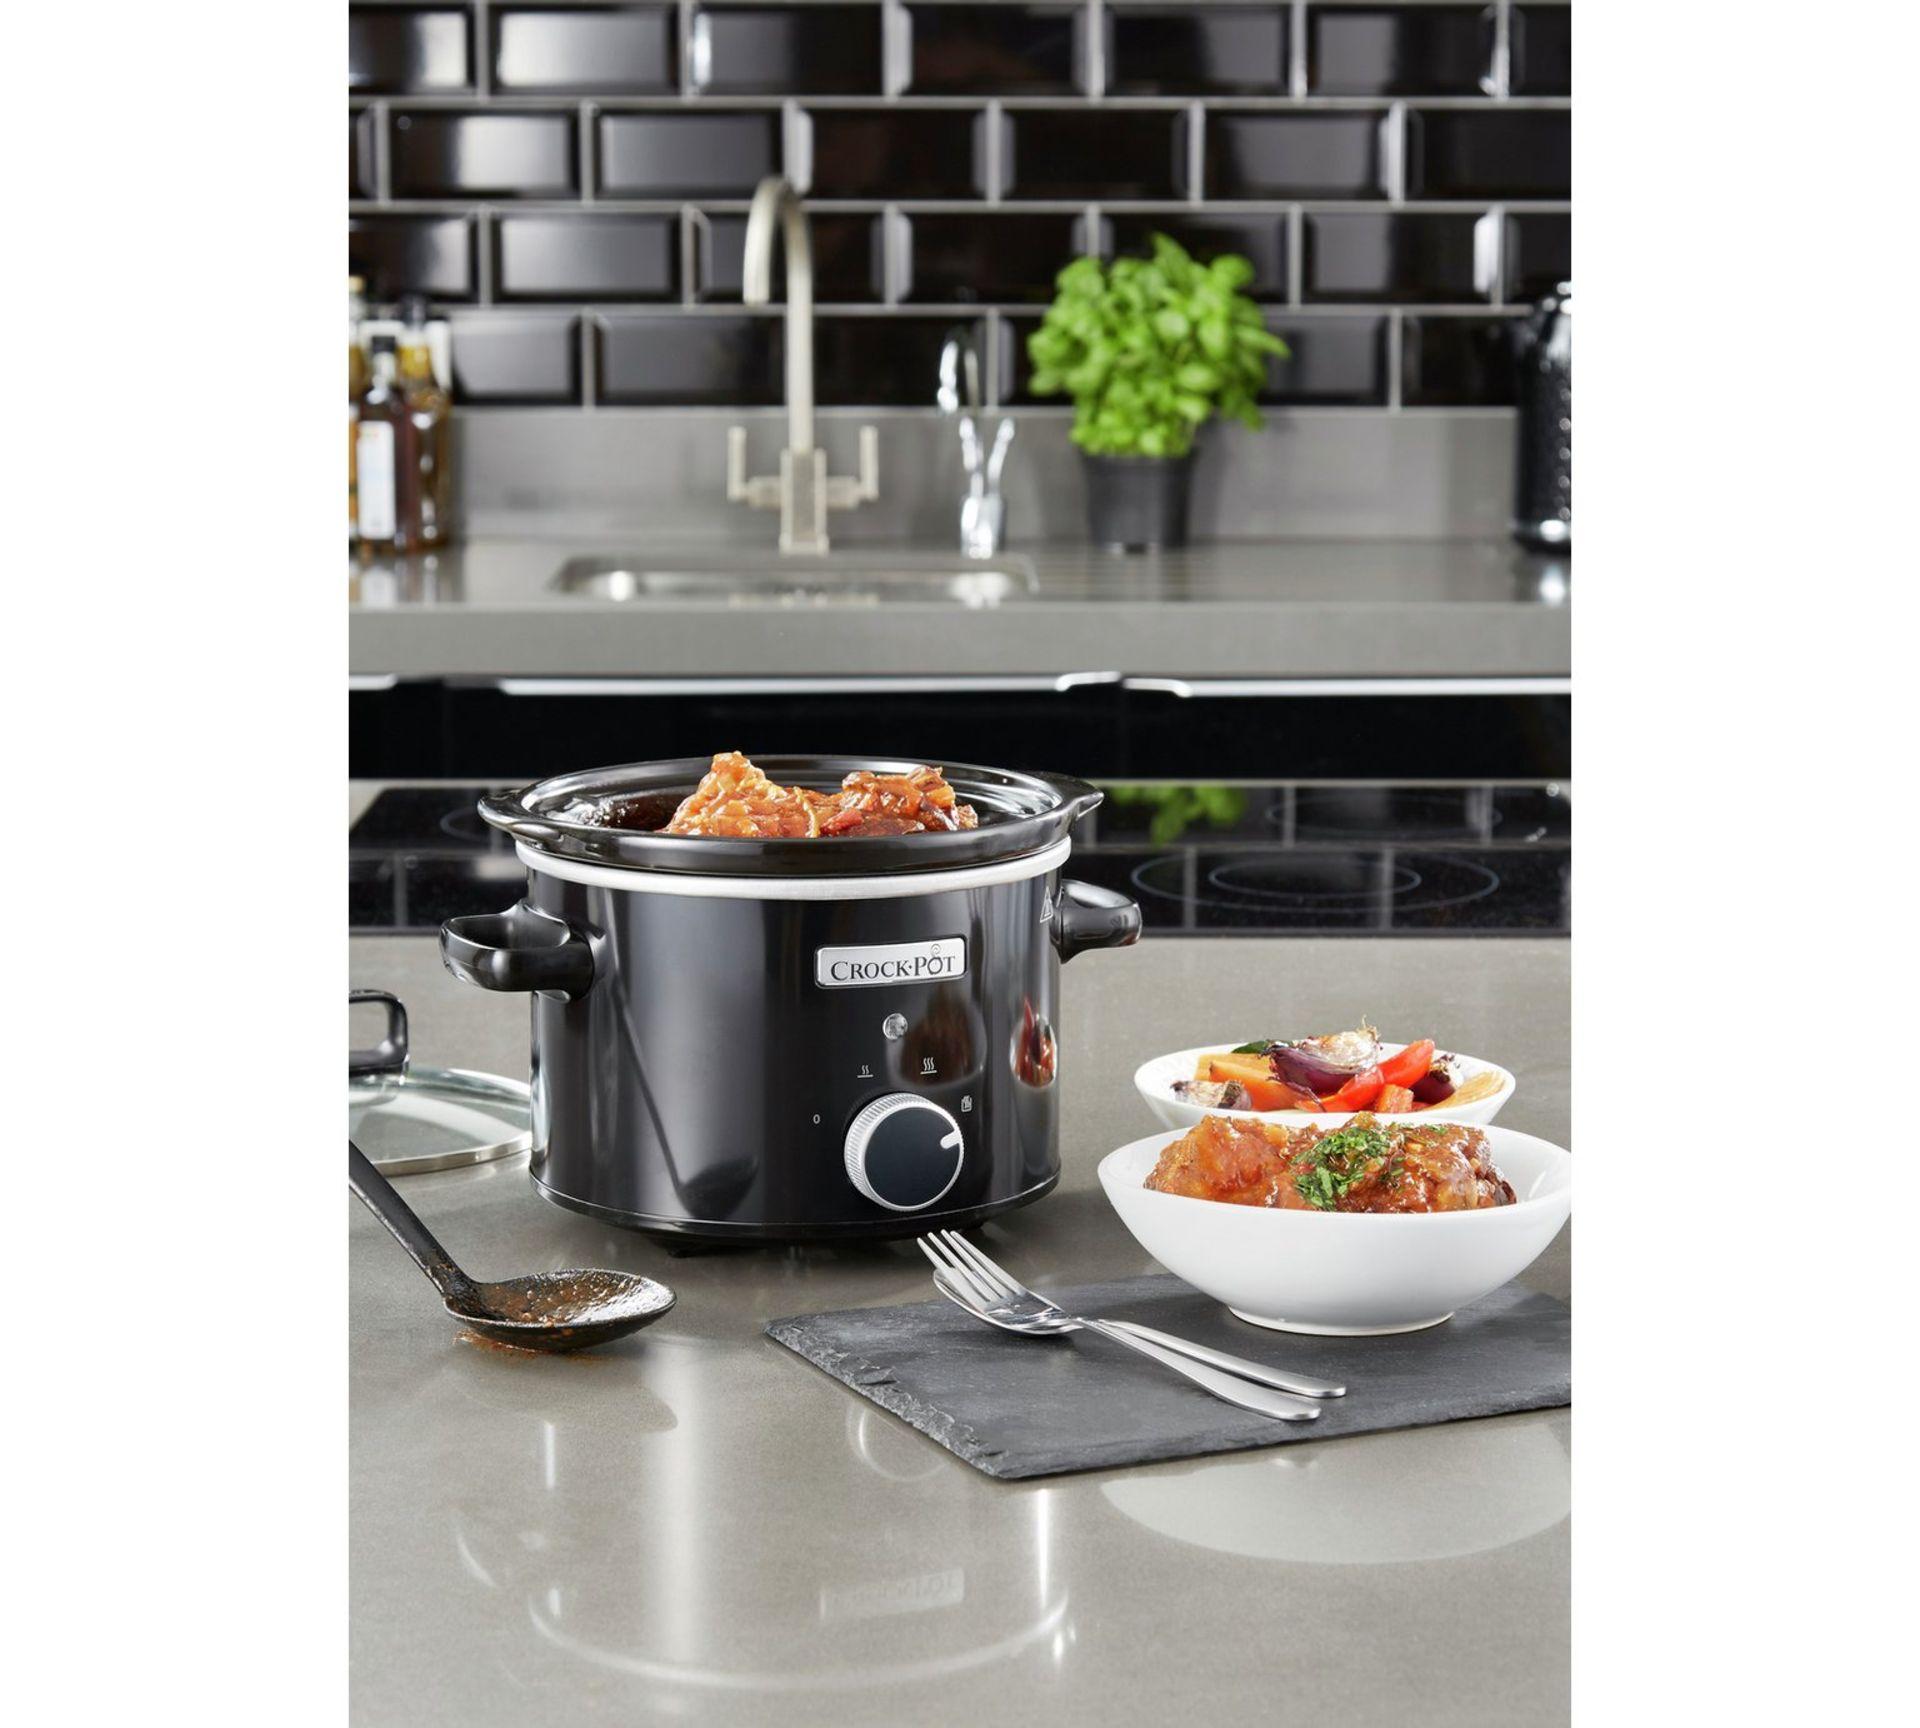 Lot 10288 - V Brand New 2.4L Crock-Pot Slow Cooker - £31.99 at Espares.co.uk - Black - Dishwasher Safe - Oven